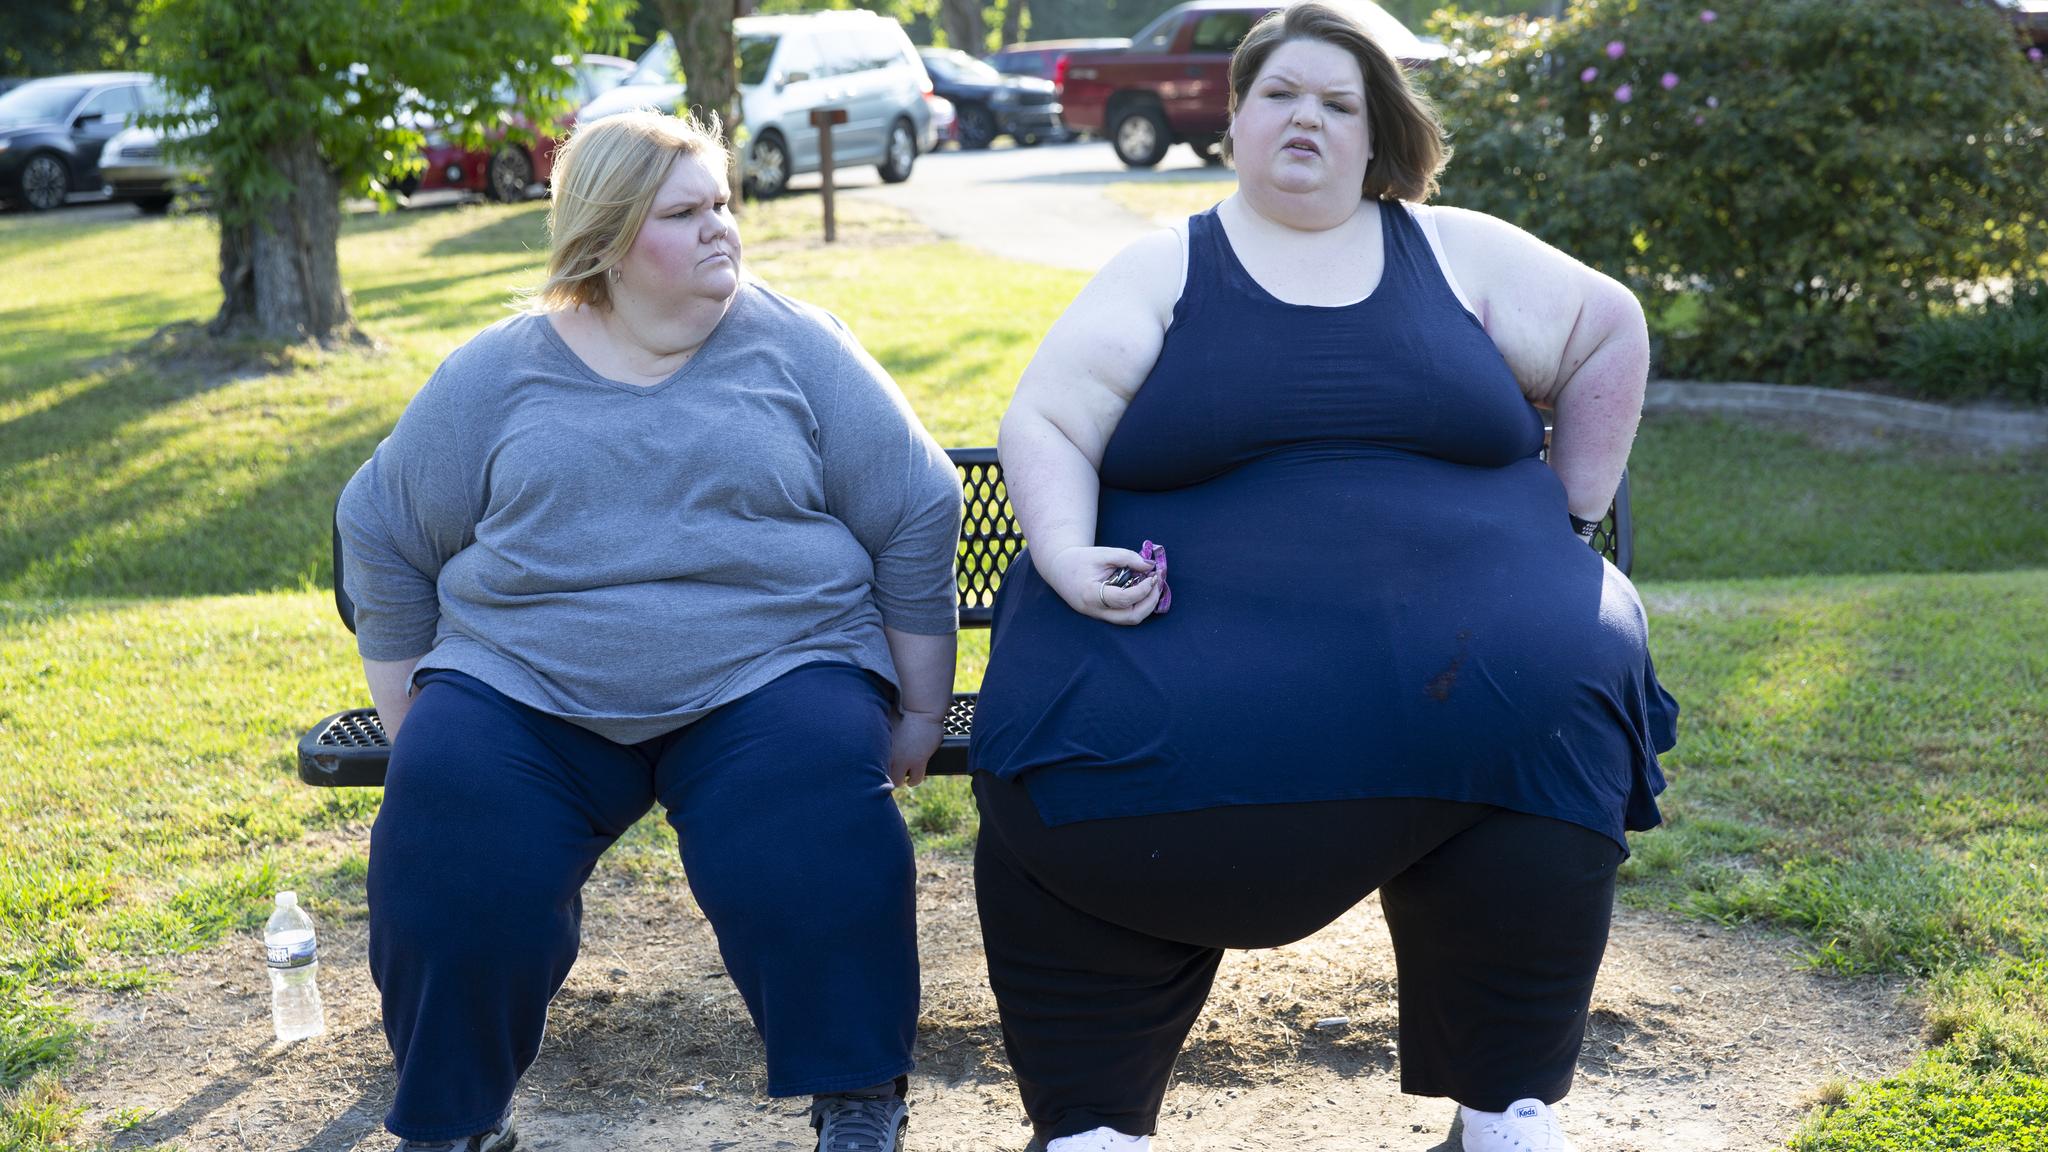 видео про жирных людей